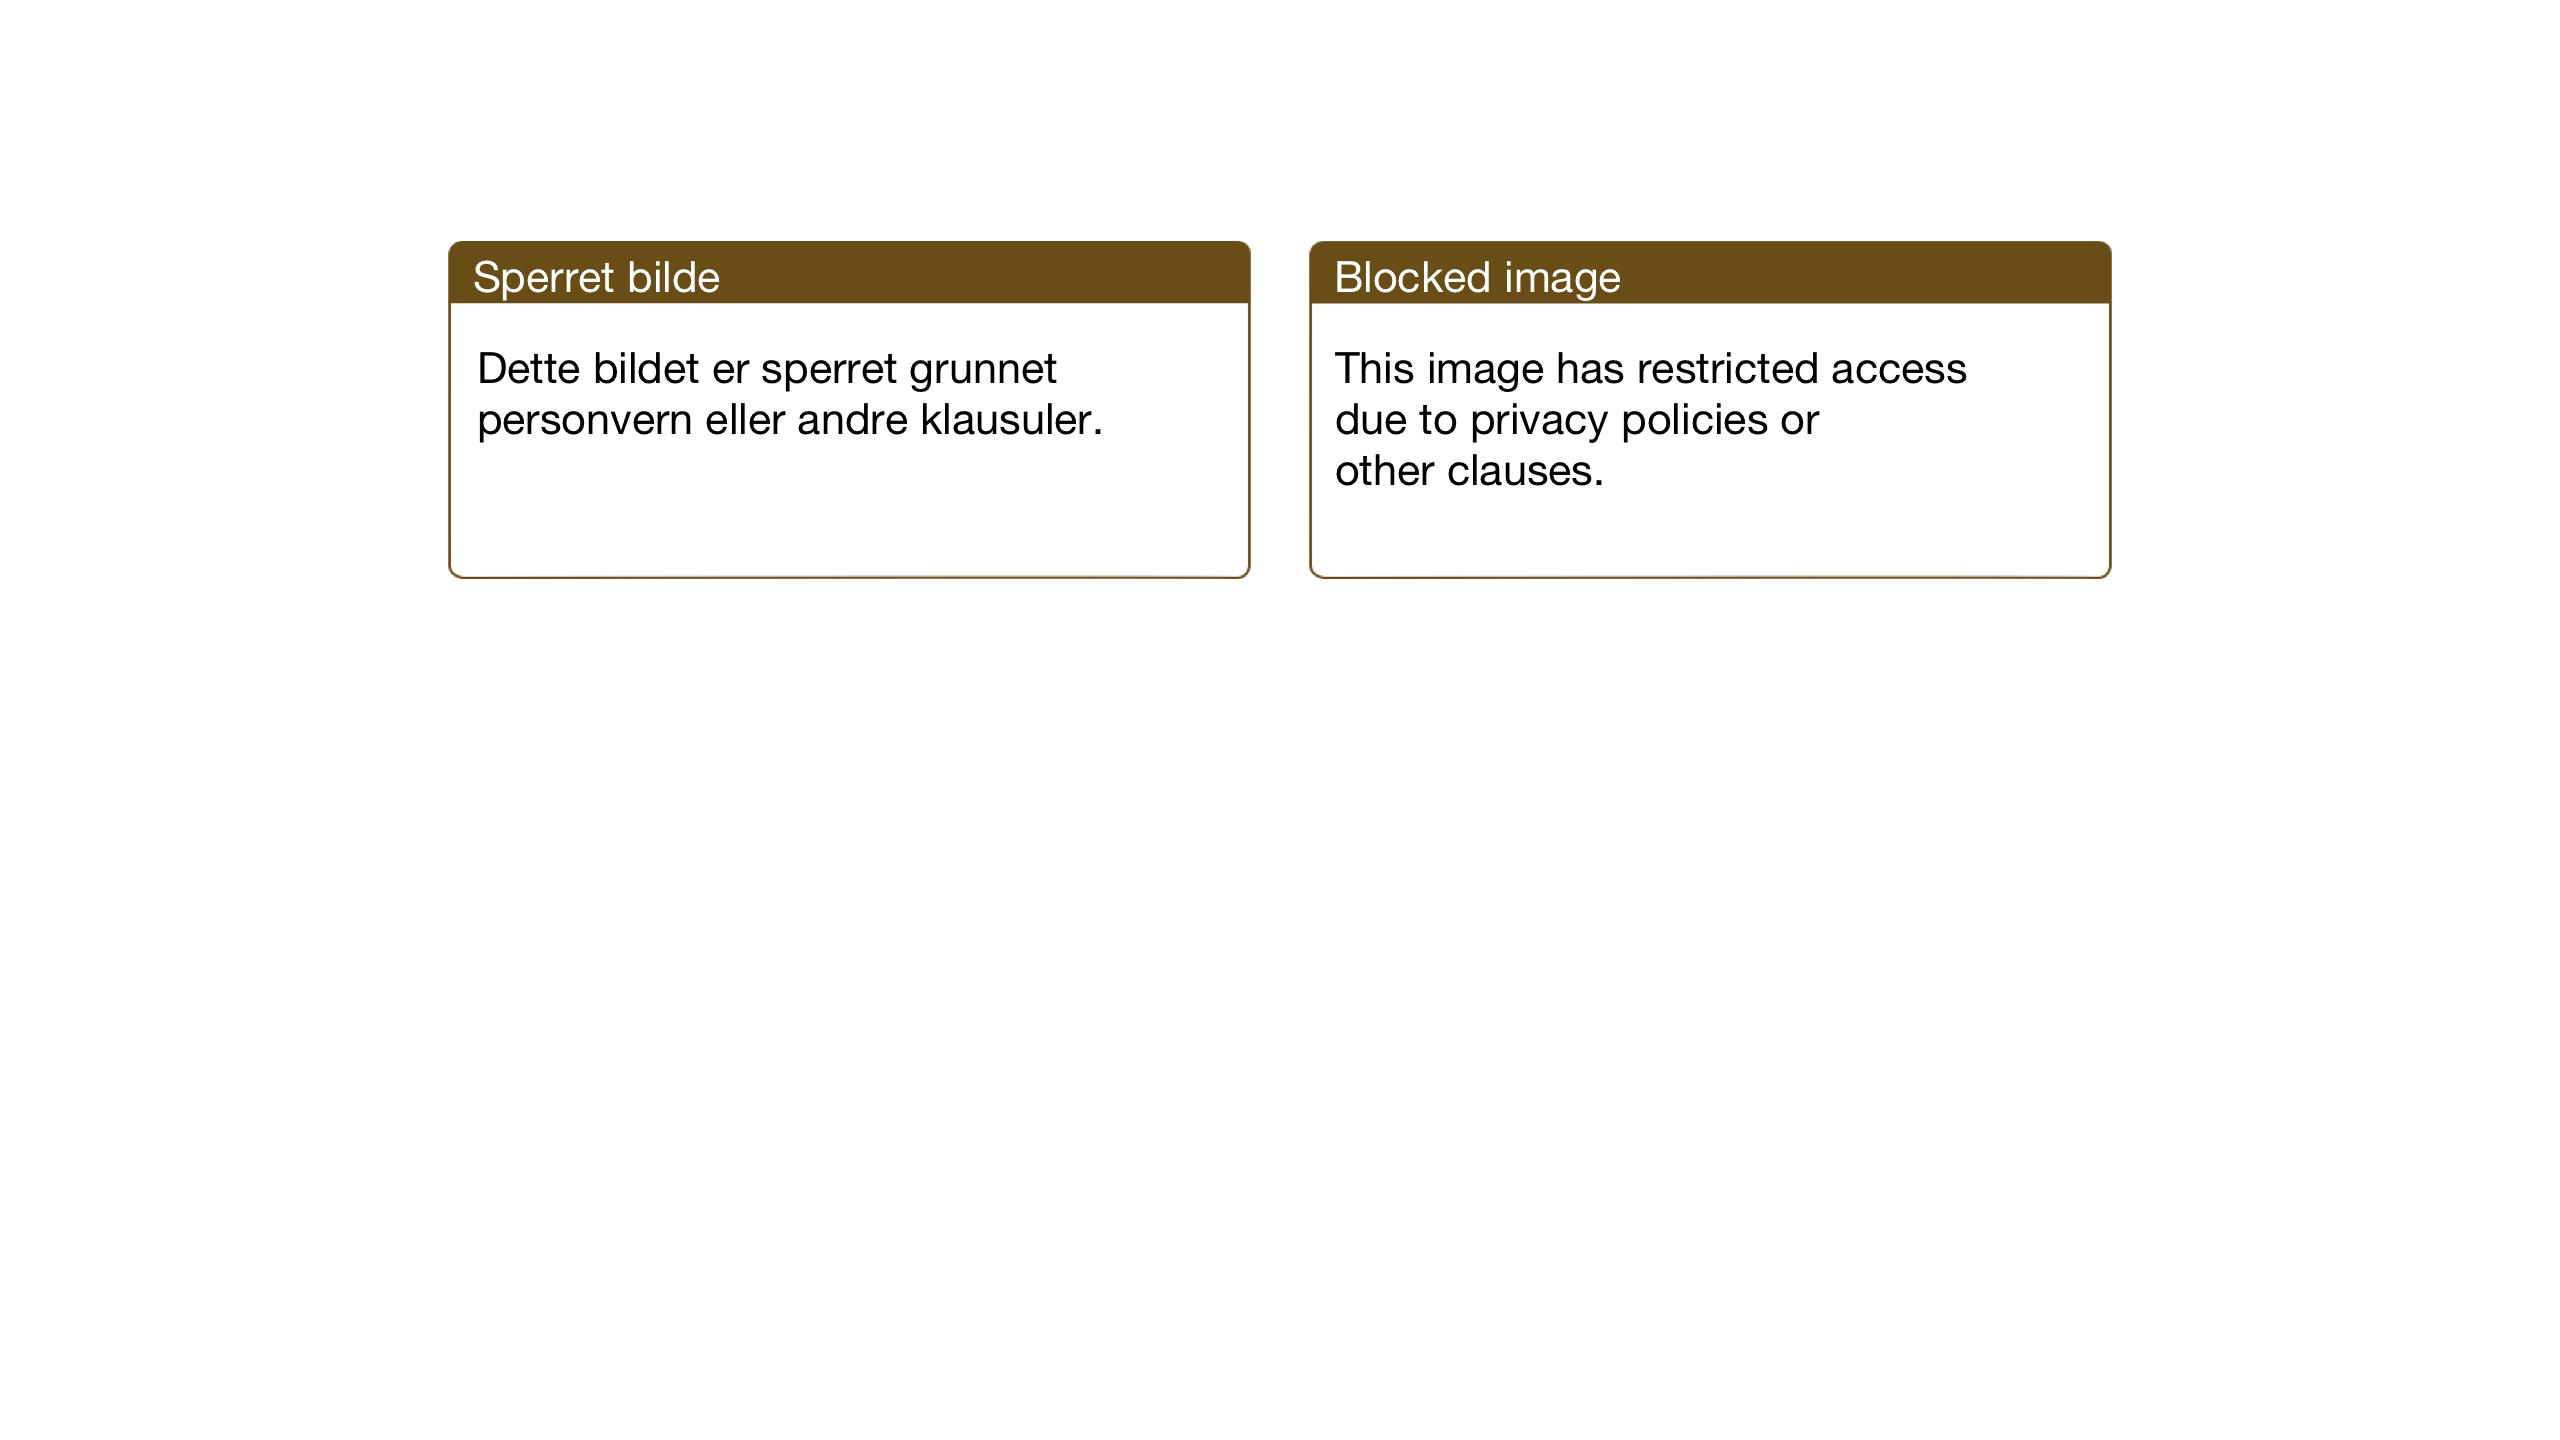 SAT, Ministerialprotokoller, klokkerbøker og fødselsregistre - Sør-Trøndelag, 623/L0470: Ministerialbok nr. 623A04, 1884-1938, s. 4